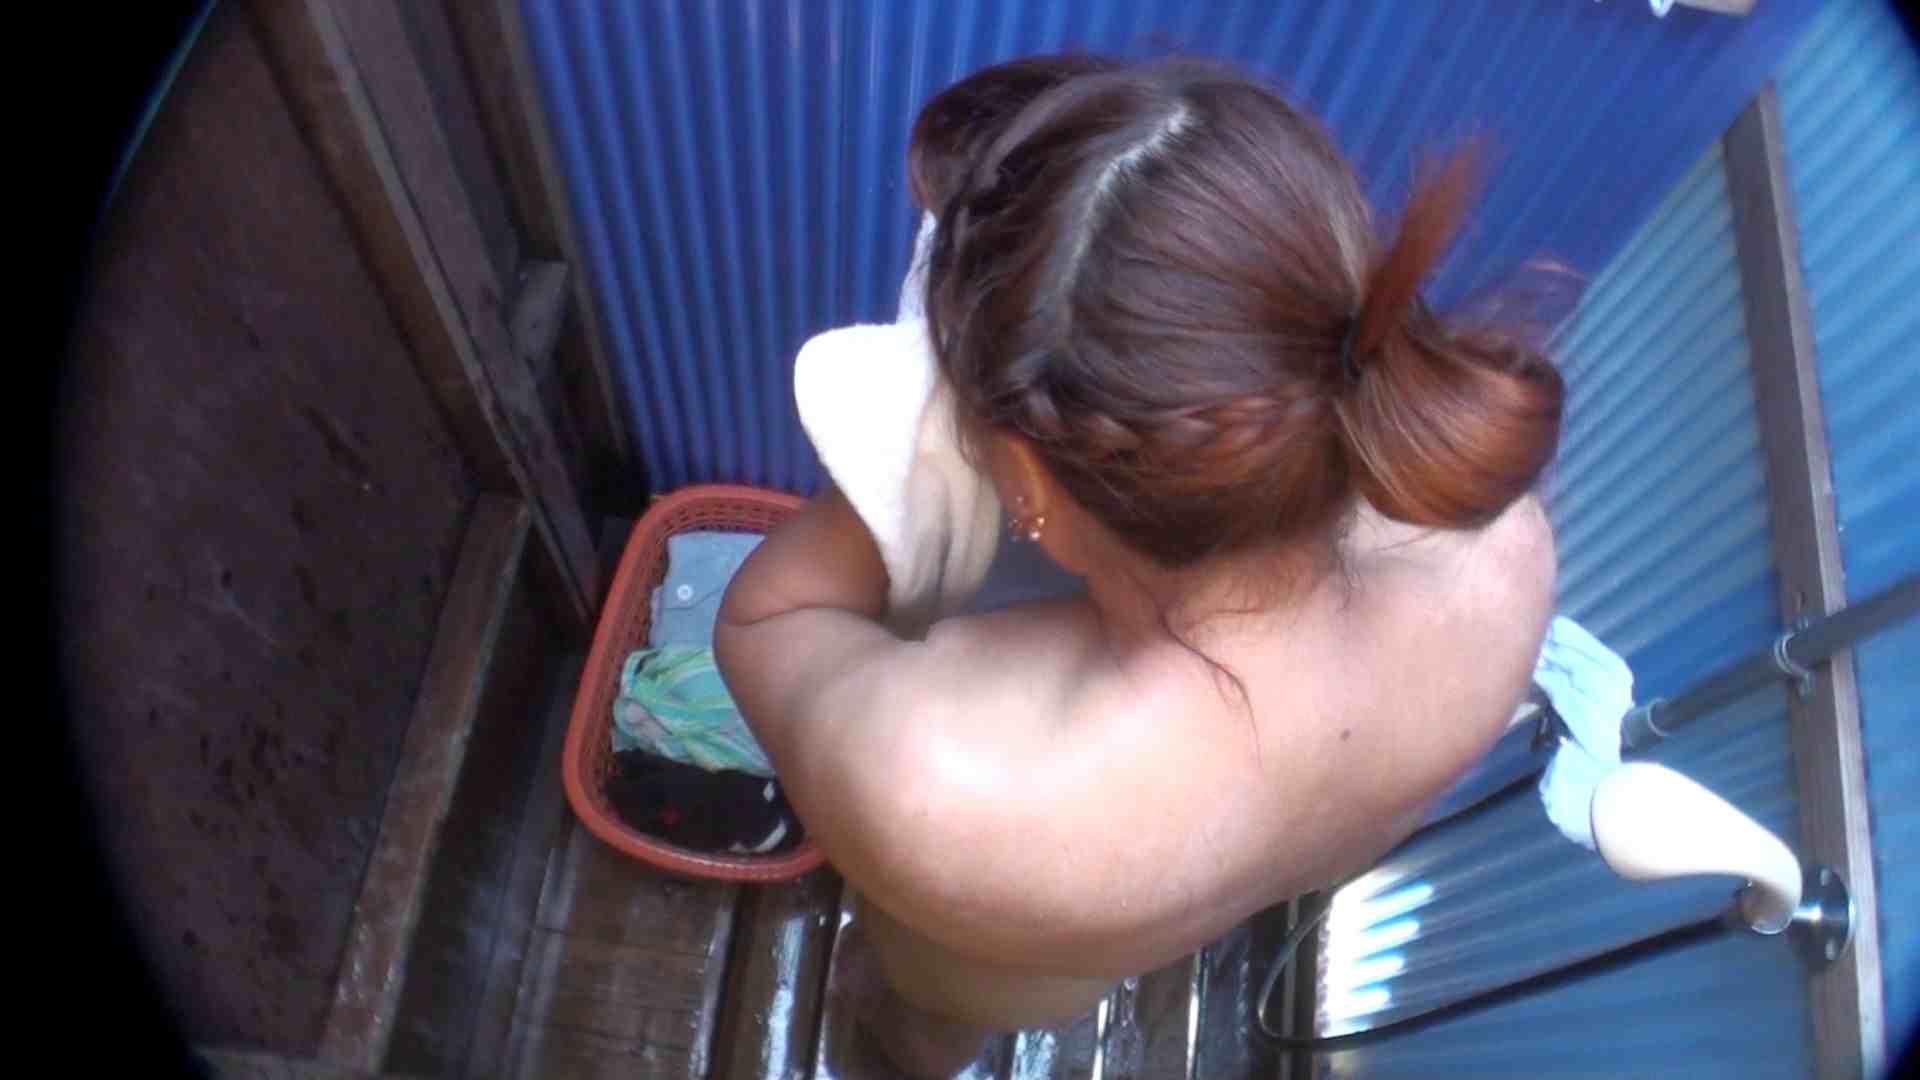 シャワールームは超!!危険な香りVol.18 幼児体型なムッチリギャル エロティックなOL | 脱衣所の着替え  92画像 21